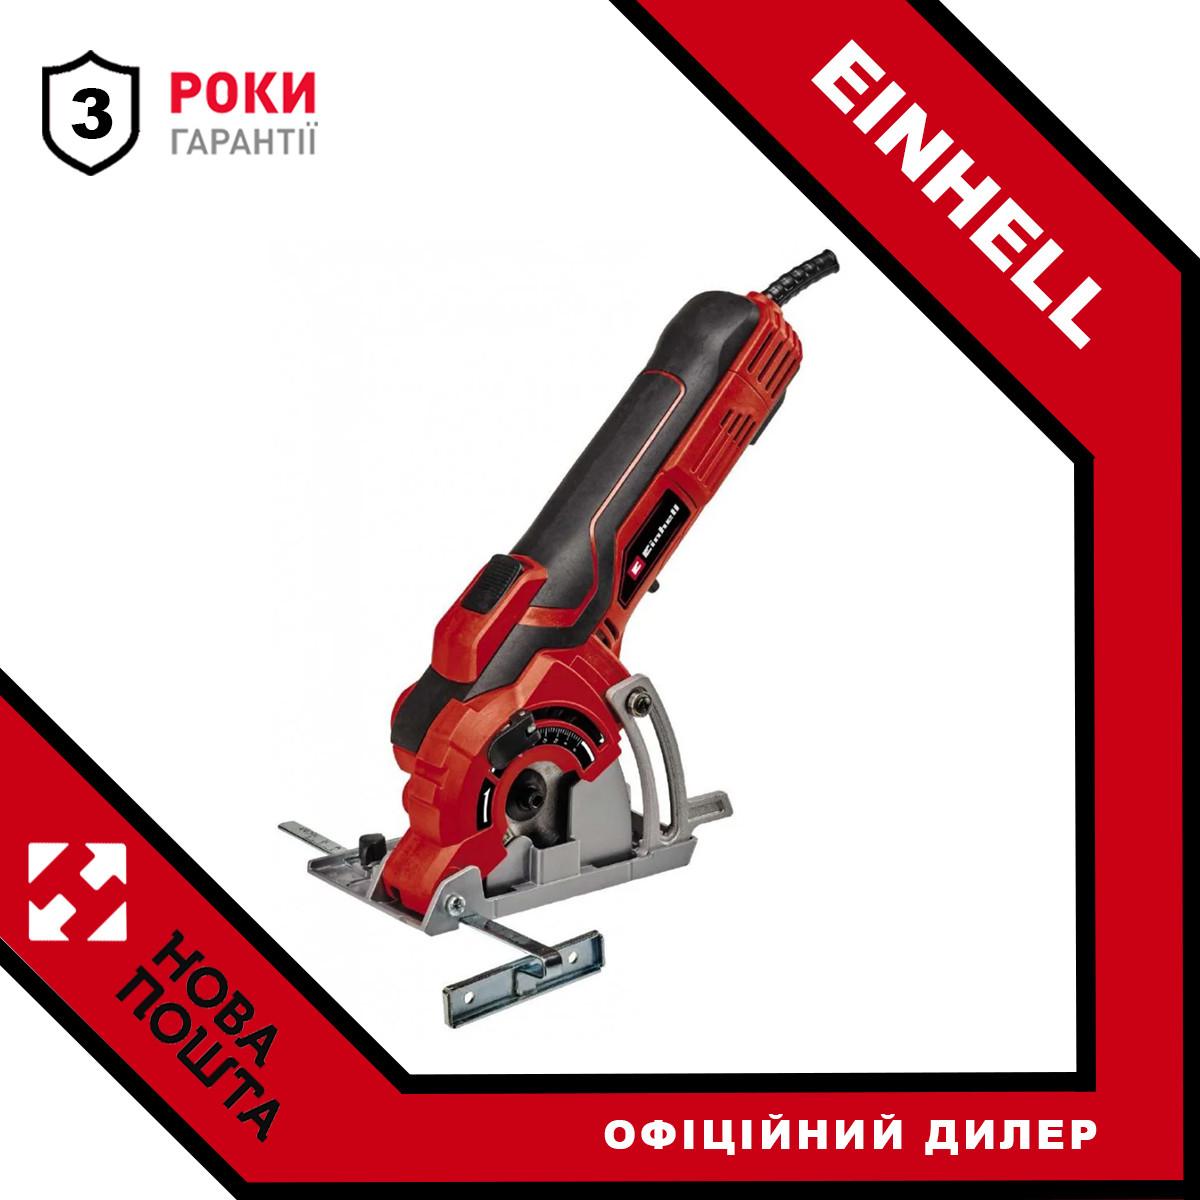 Дискова мініпіла (роторайзер) Einhell TC-CS 89 (4331030)